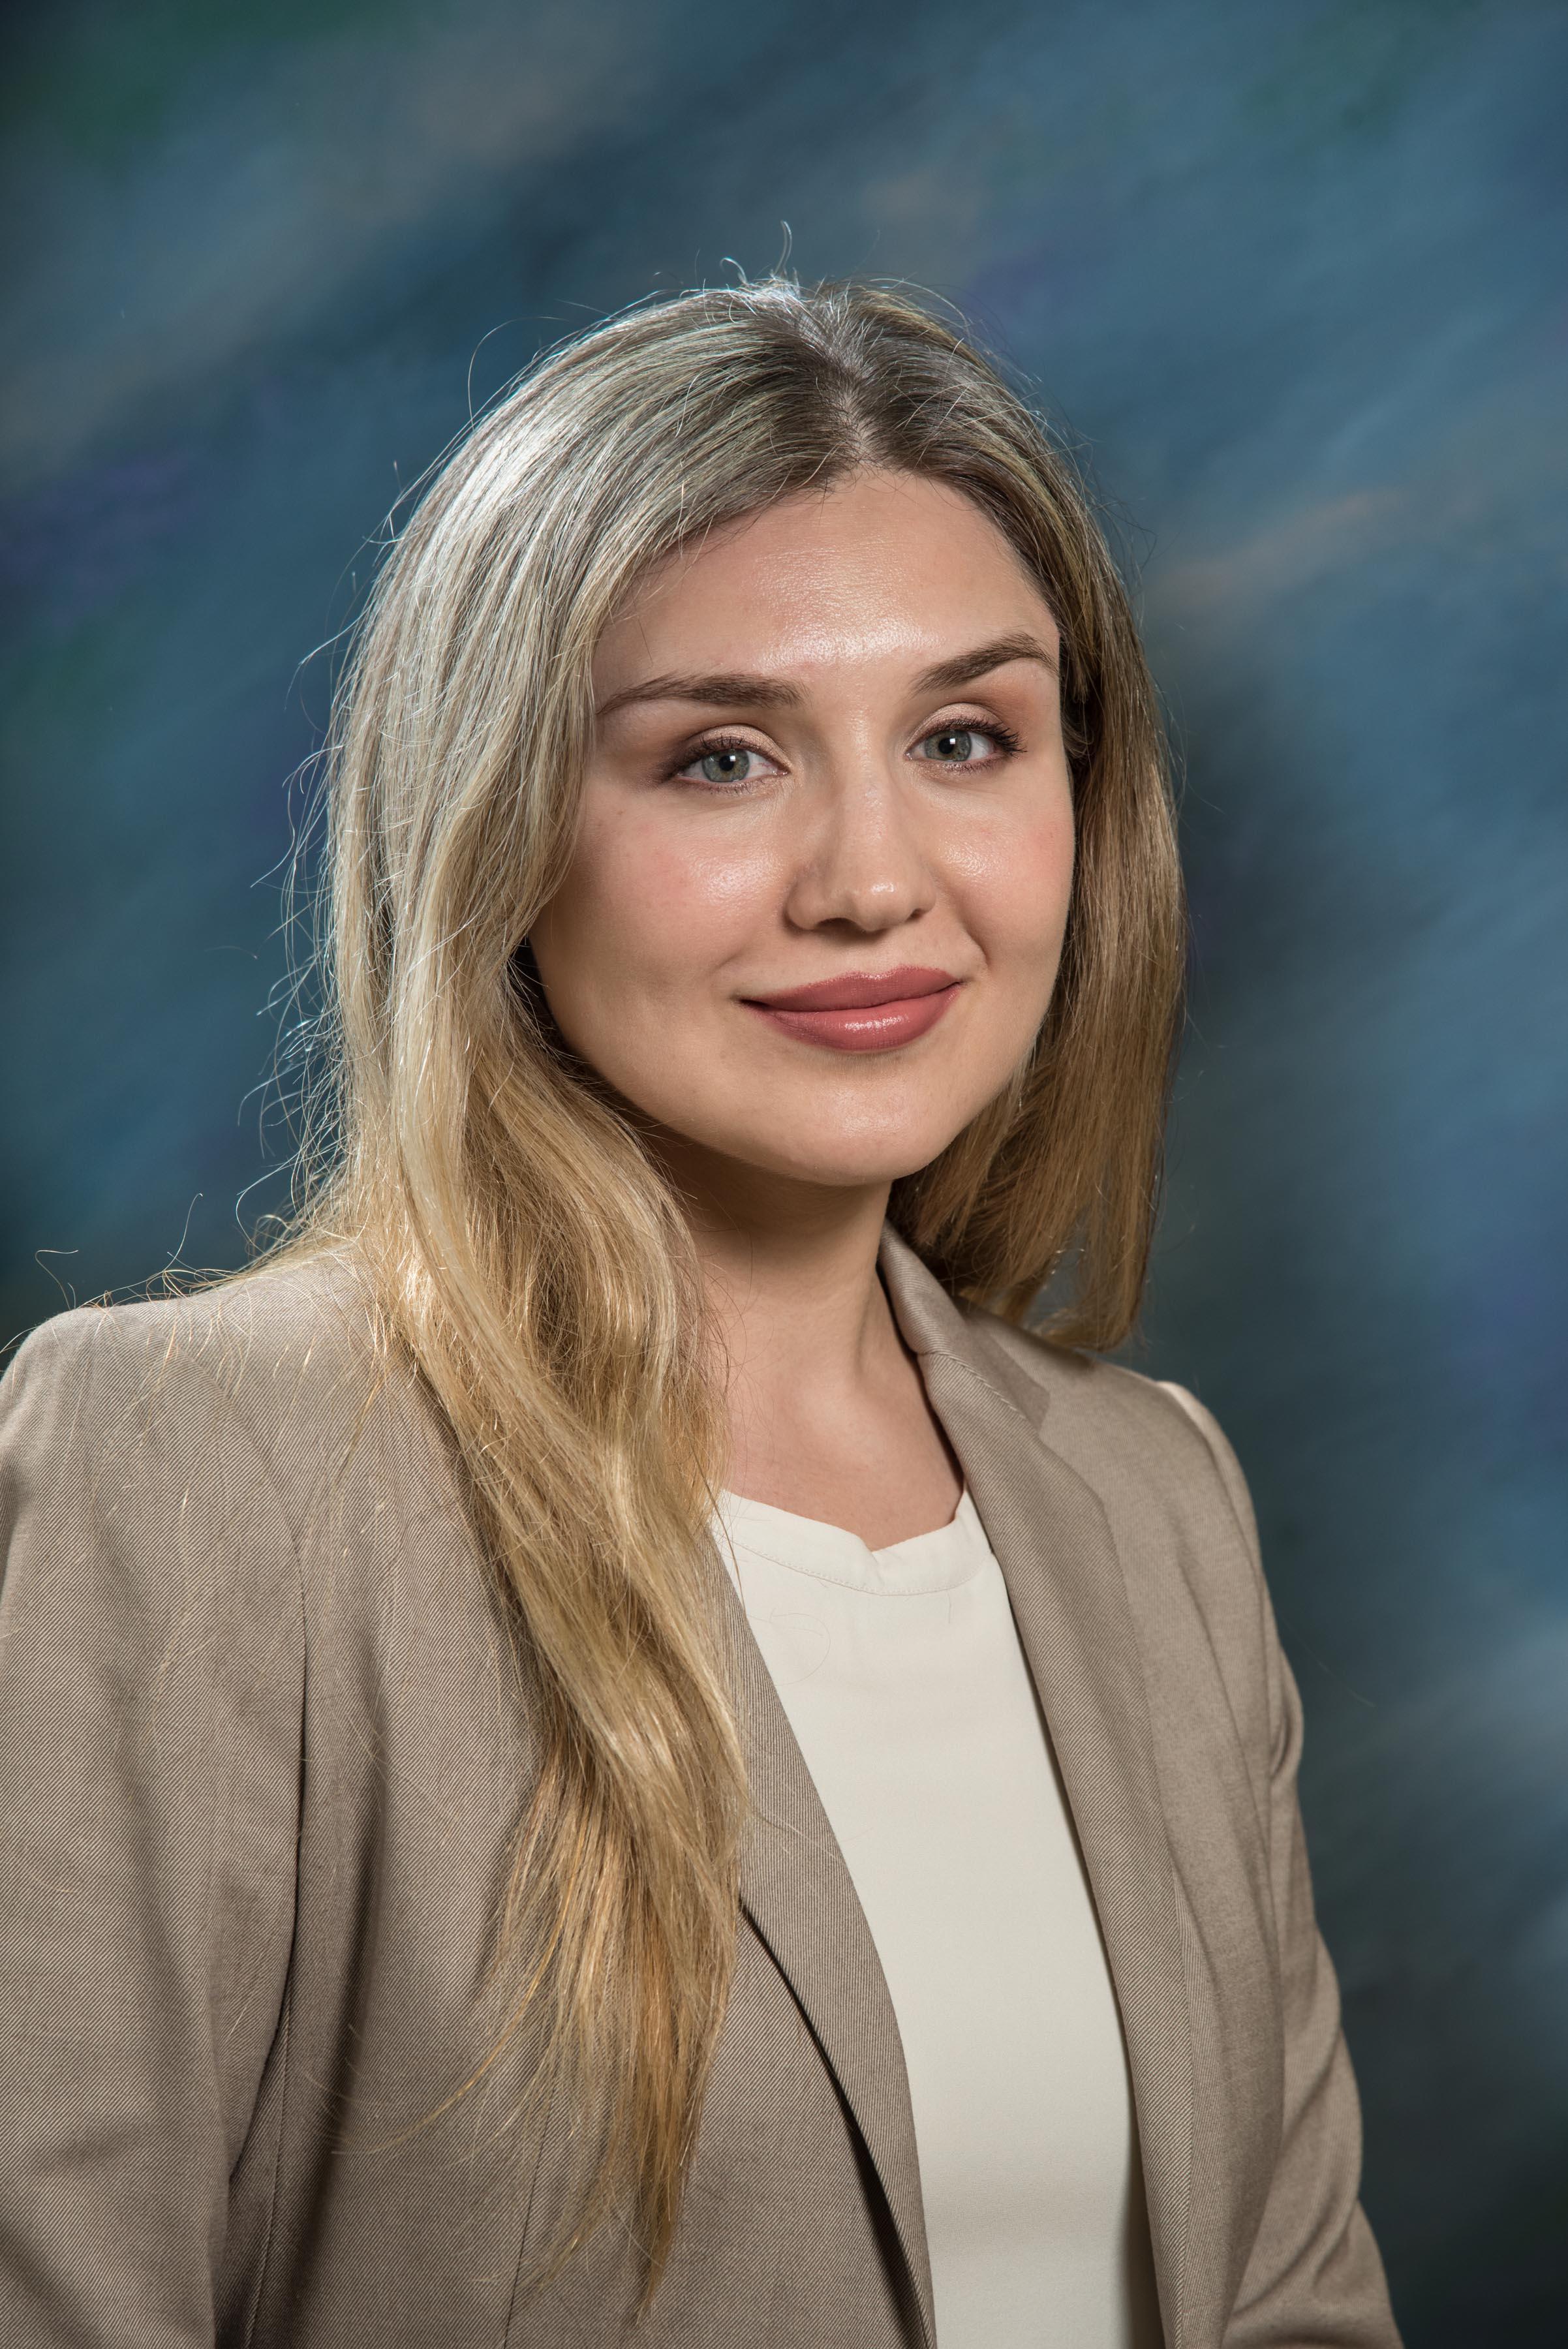 Victoria Fursa